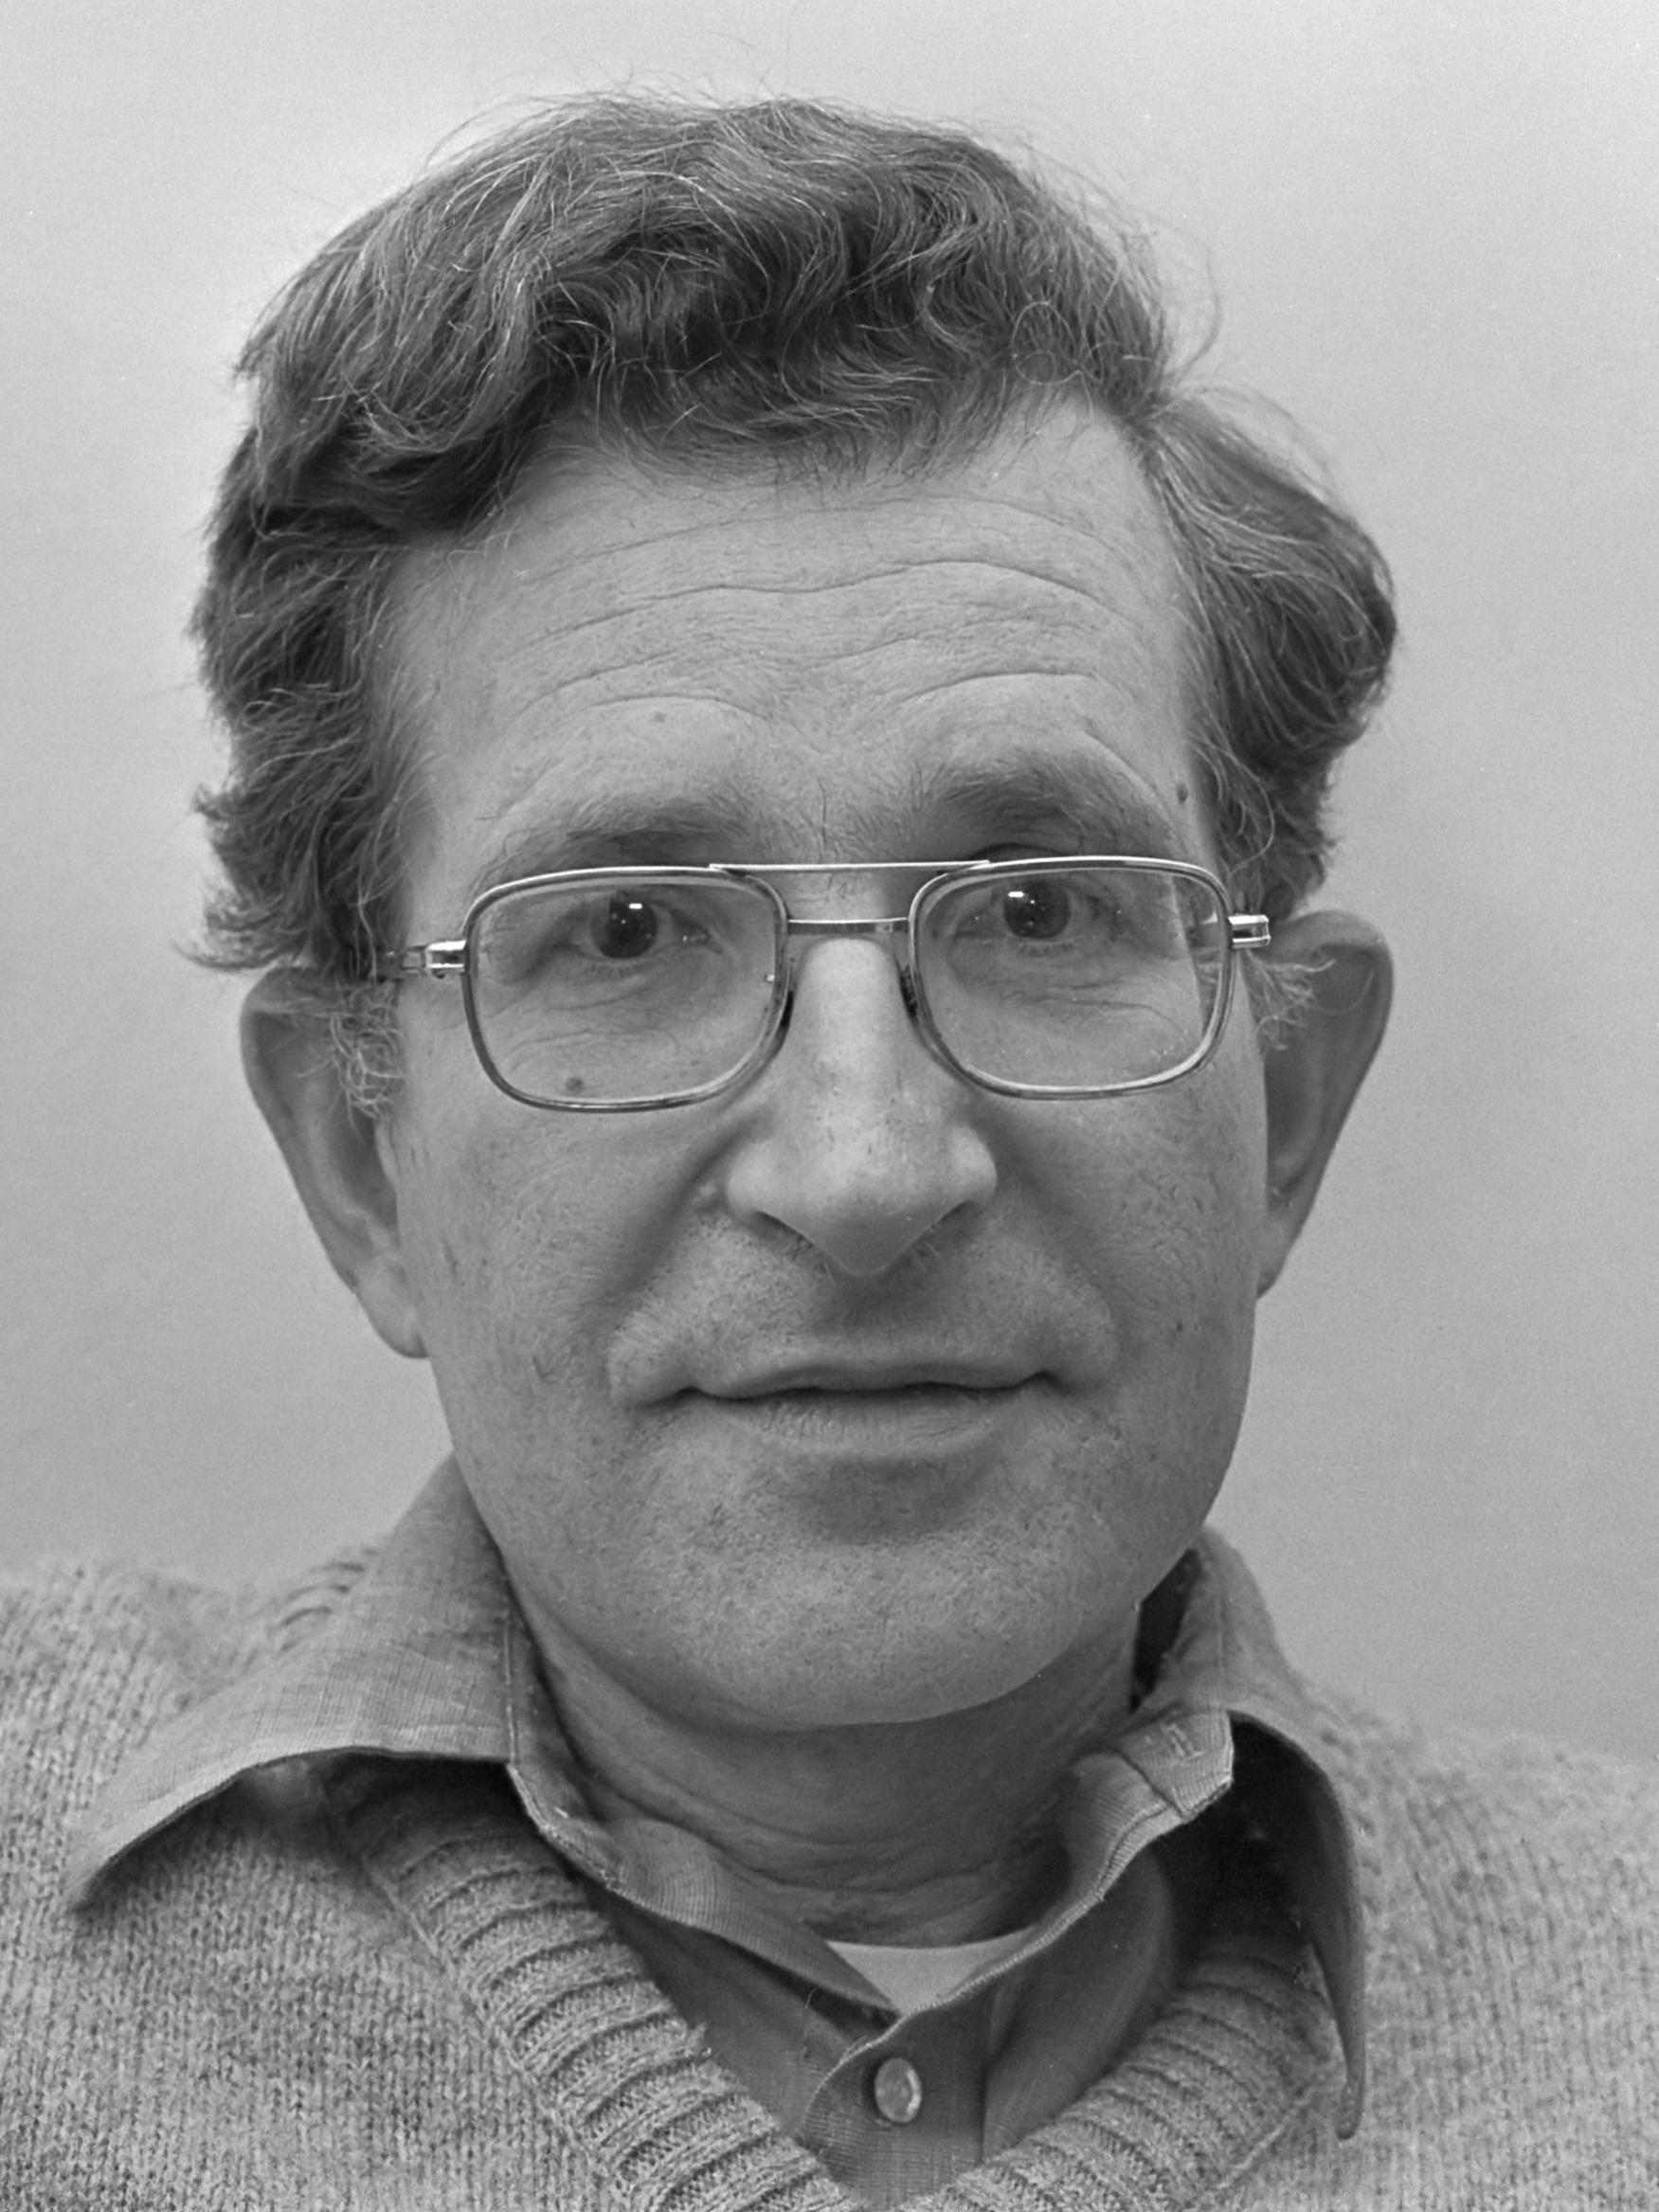 Noam Chomski